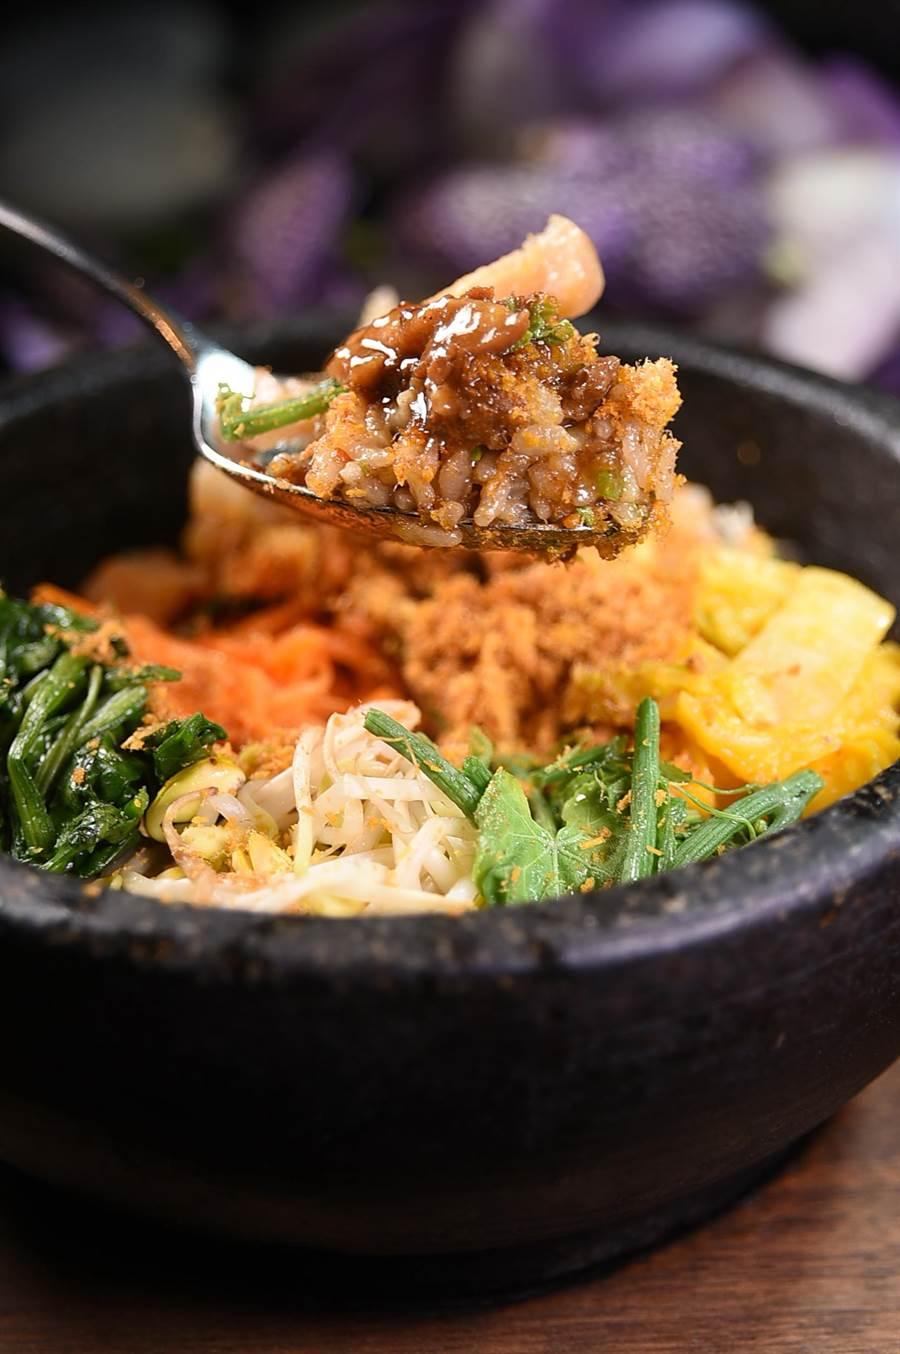 用湯匙往碗裡舀,可以看到〈晶華府城肉燥〉與米飯完整結合。(圖/姚舜)